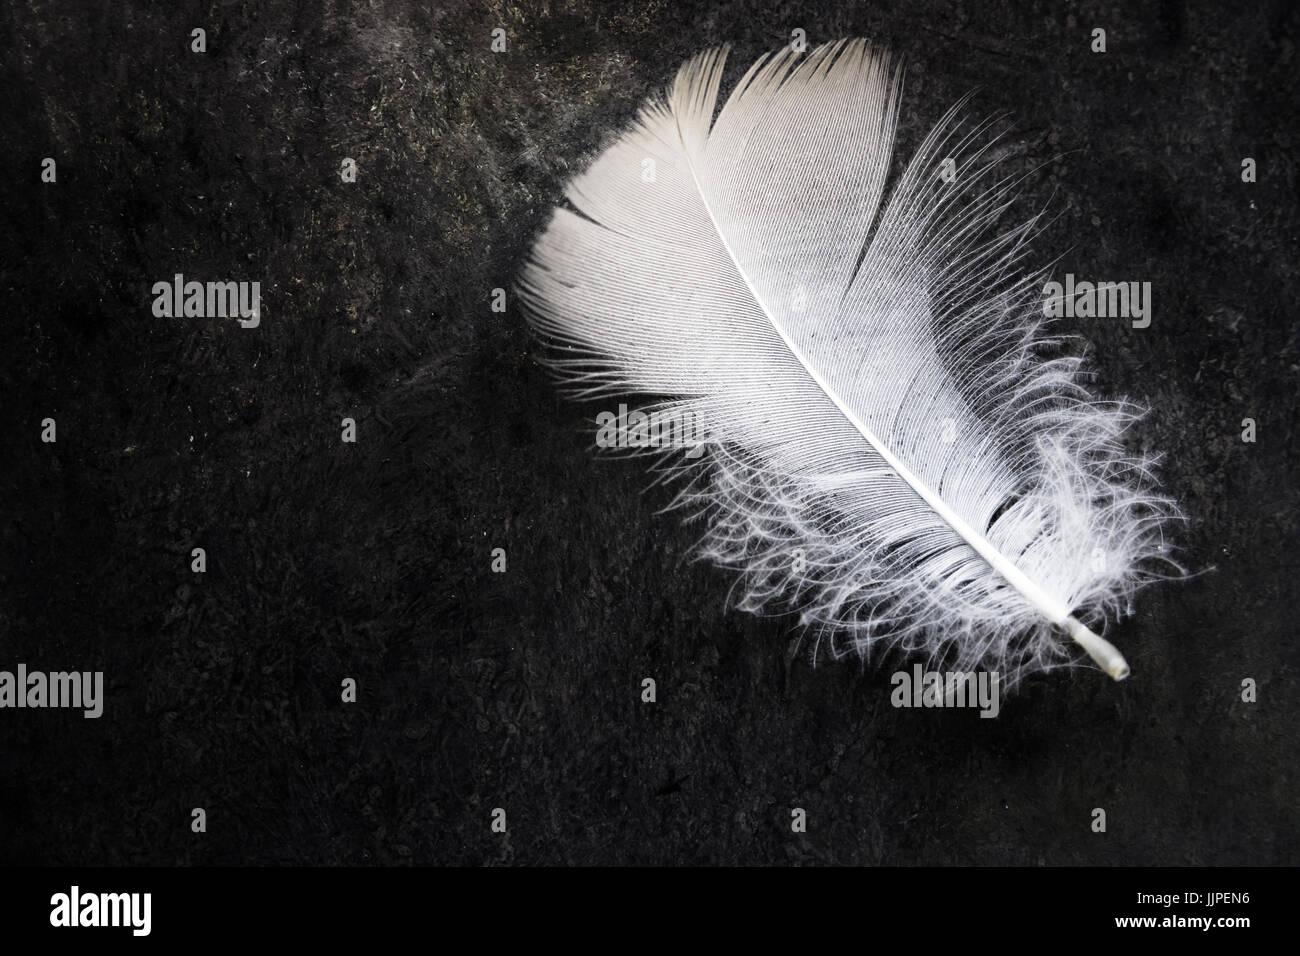 Pulire bianco delicato di piume di uccello sul calcestruzzo nero lo sfondo di pietra, contrasto, purezza, equilibrio, Immagini Stock